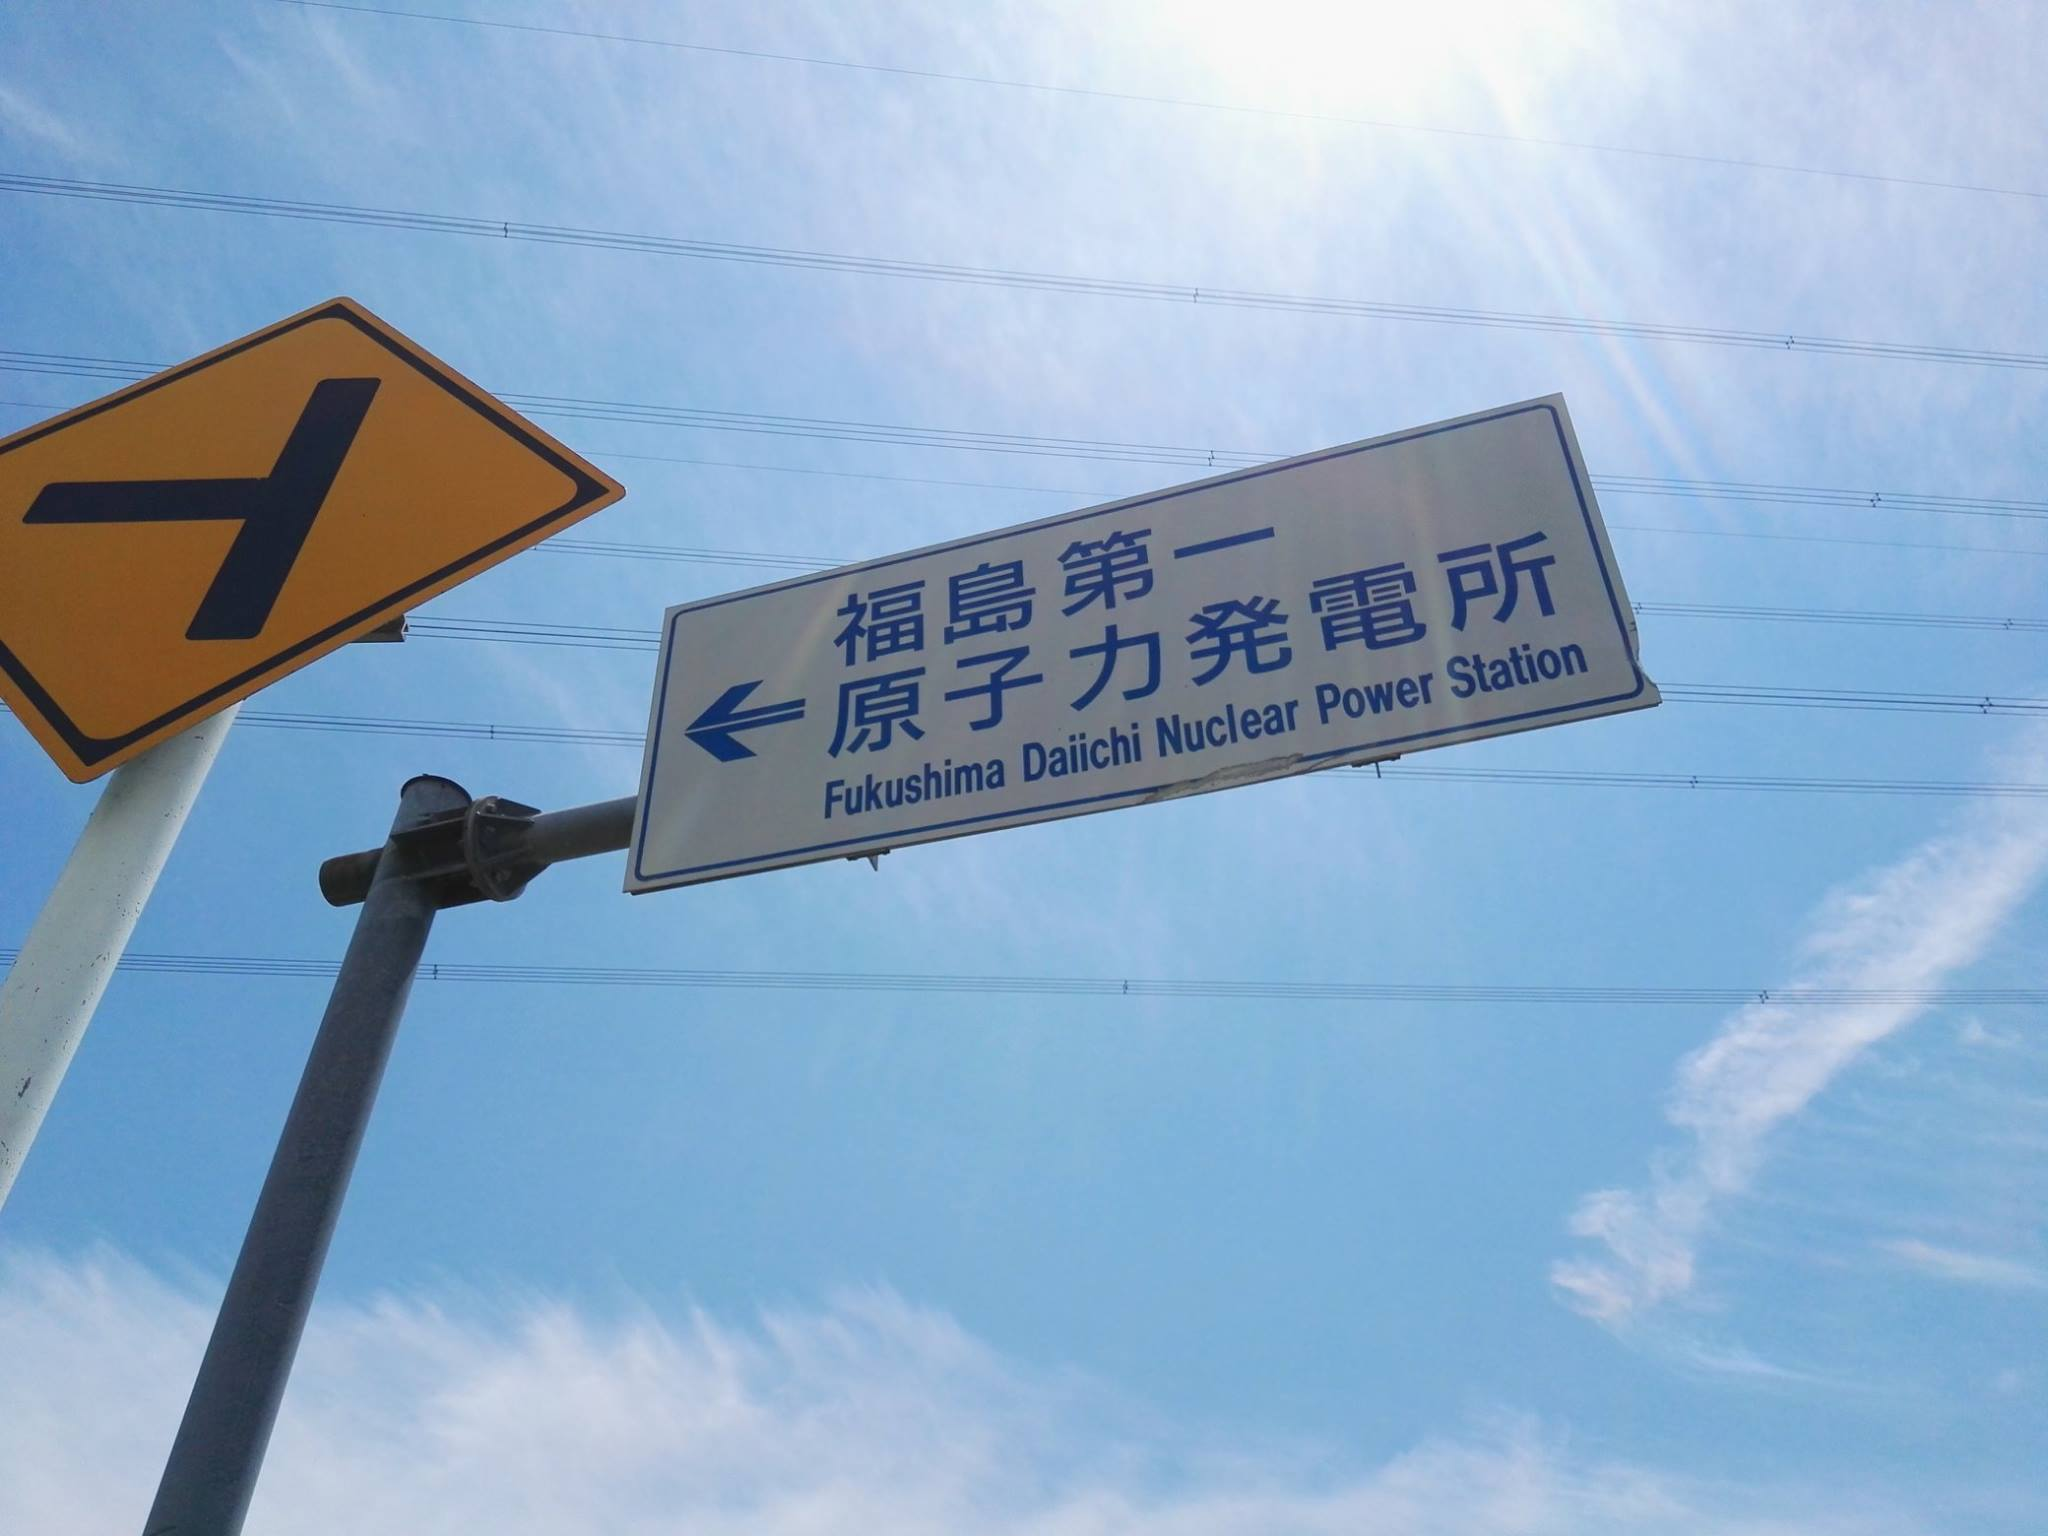 como es fukushima 5 años después del desastre 27